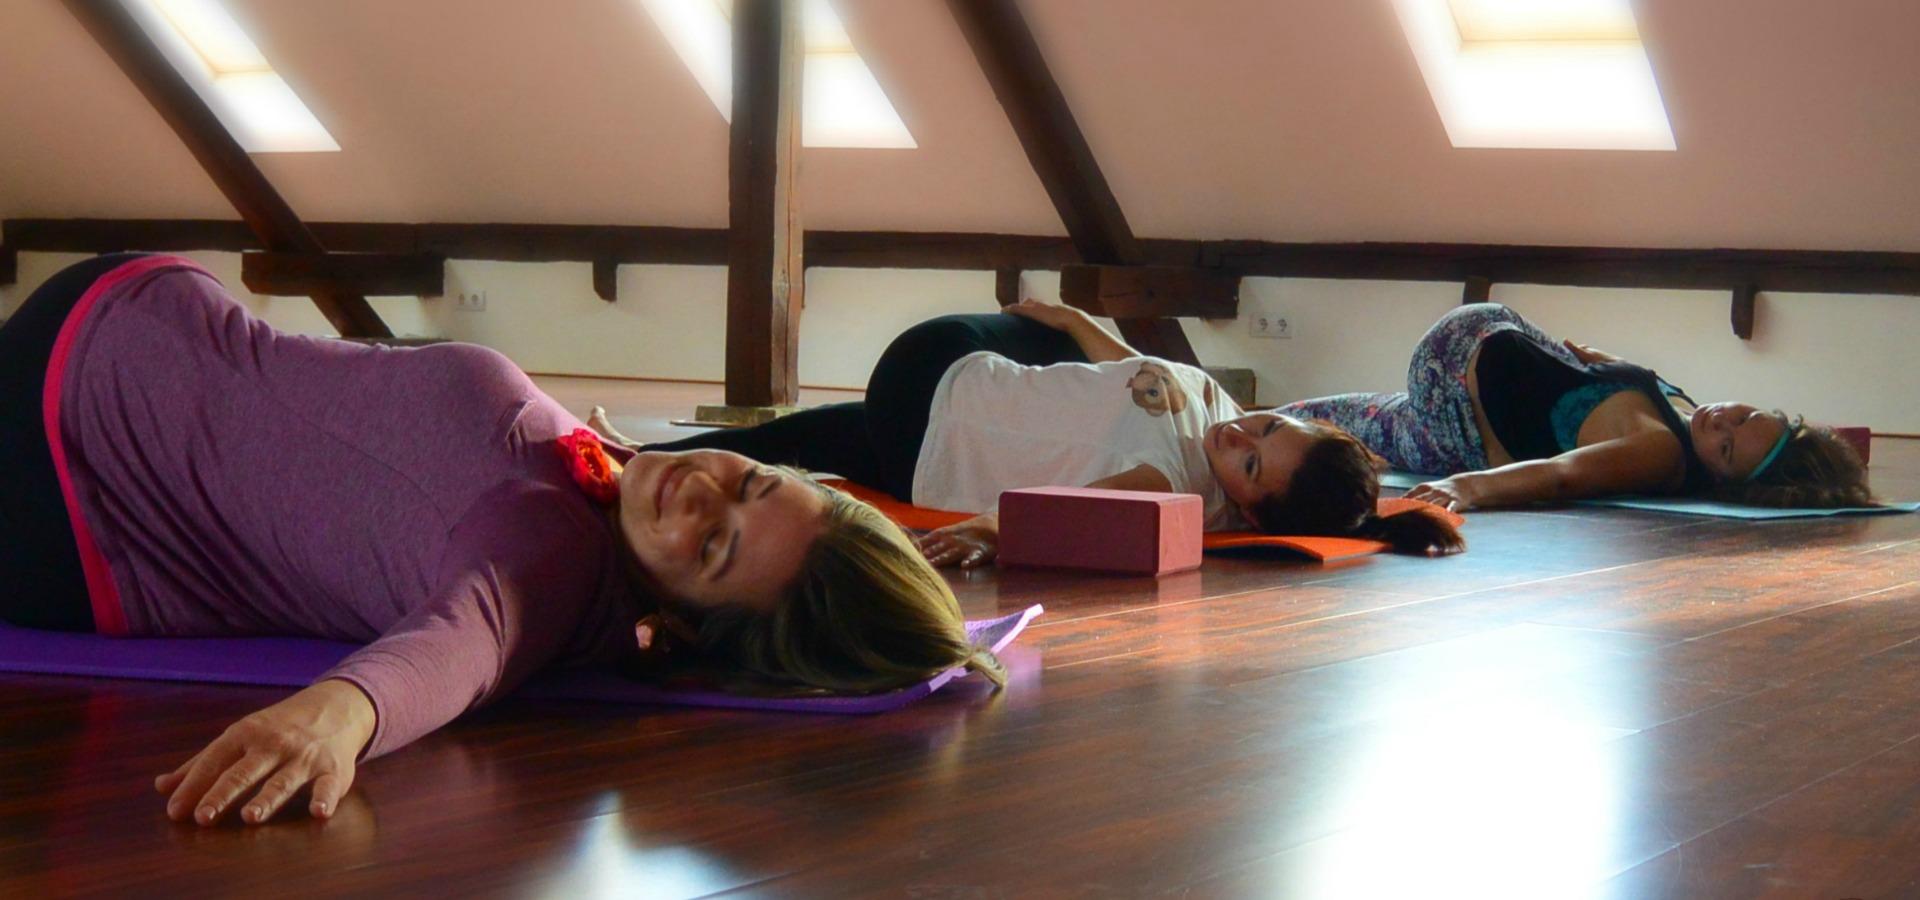 Női jóga óra relaxáció | Orienta.hu